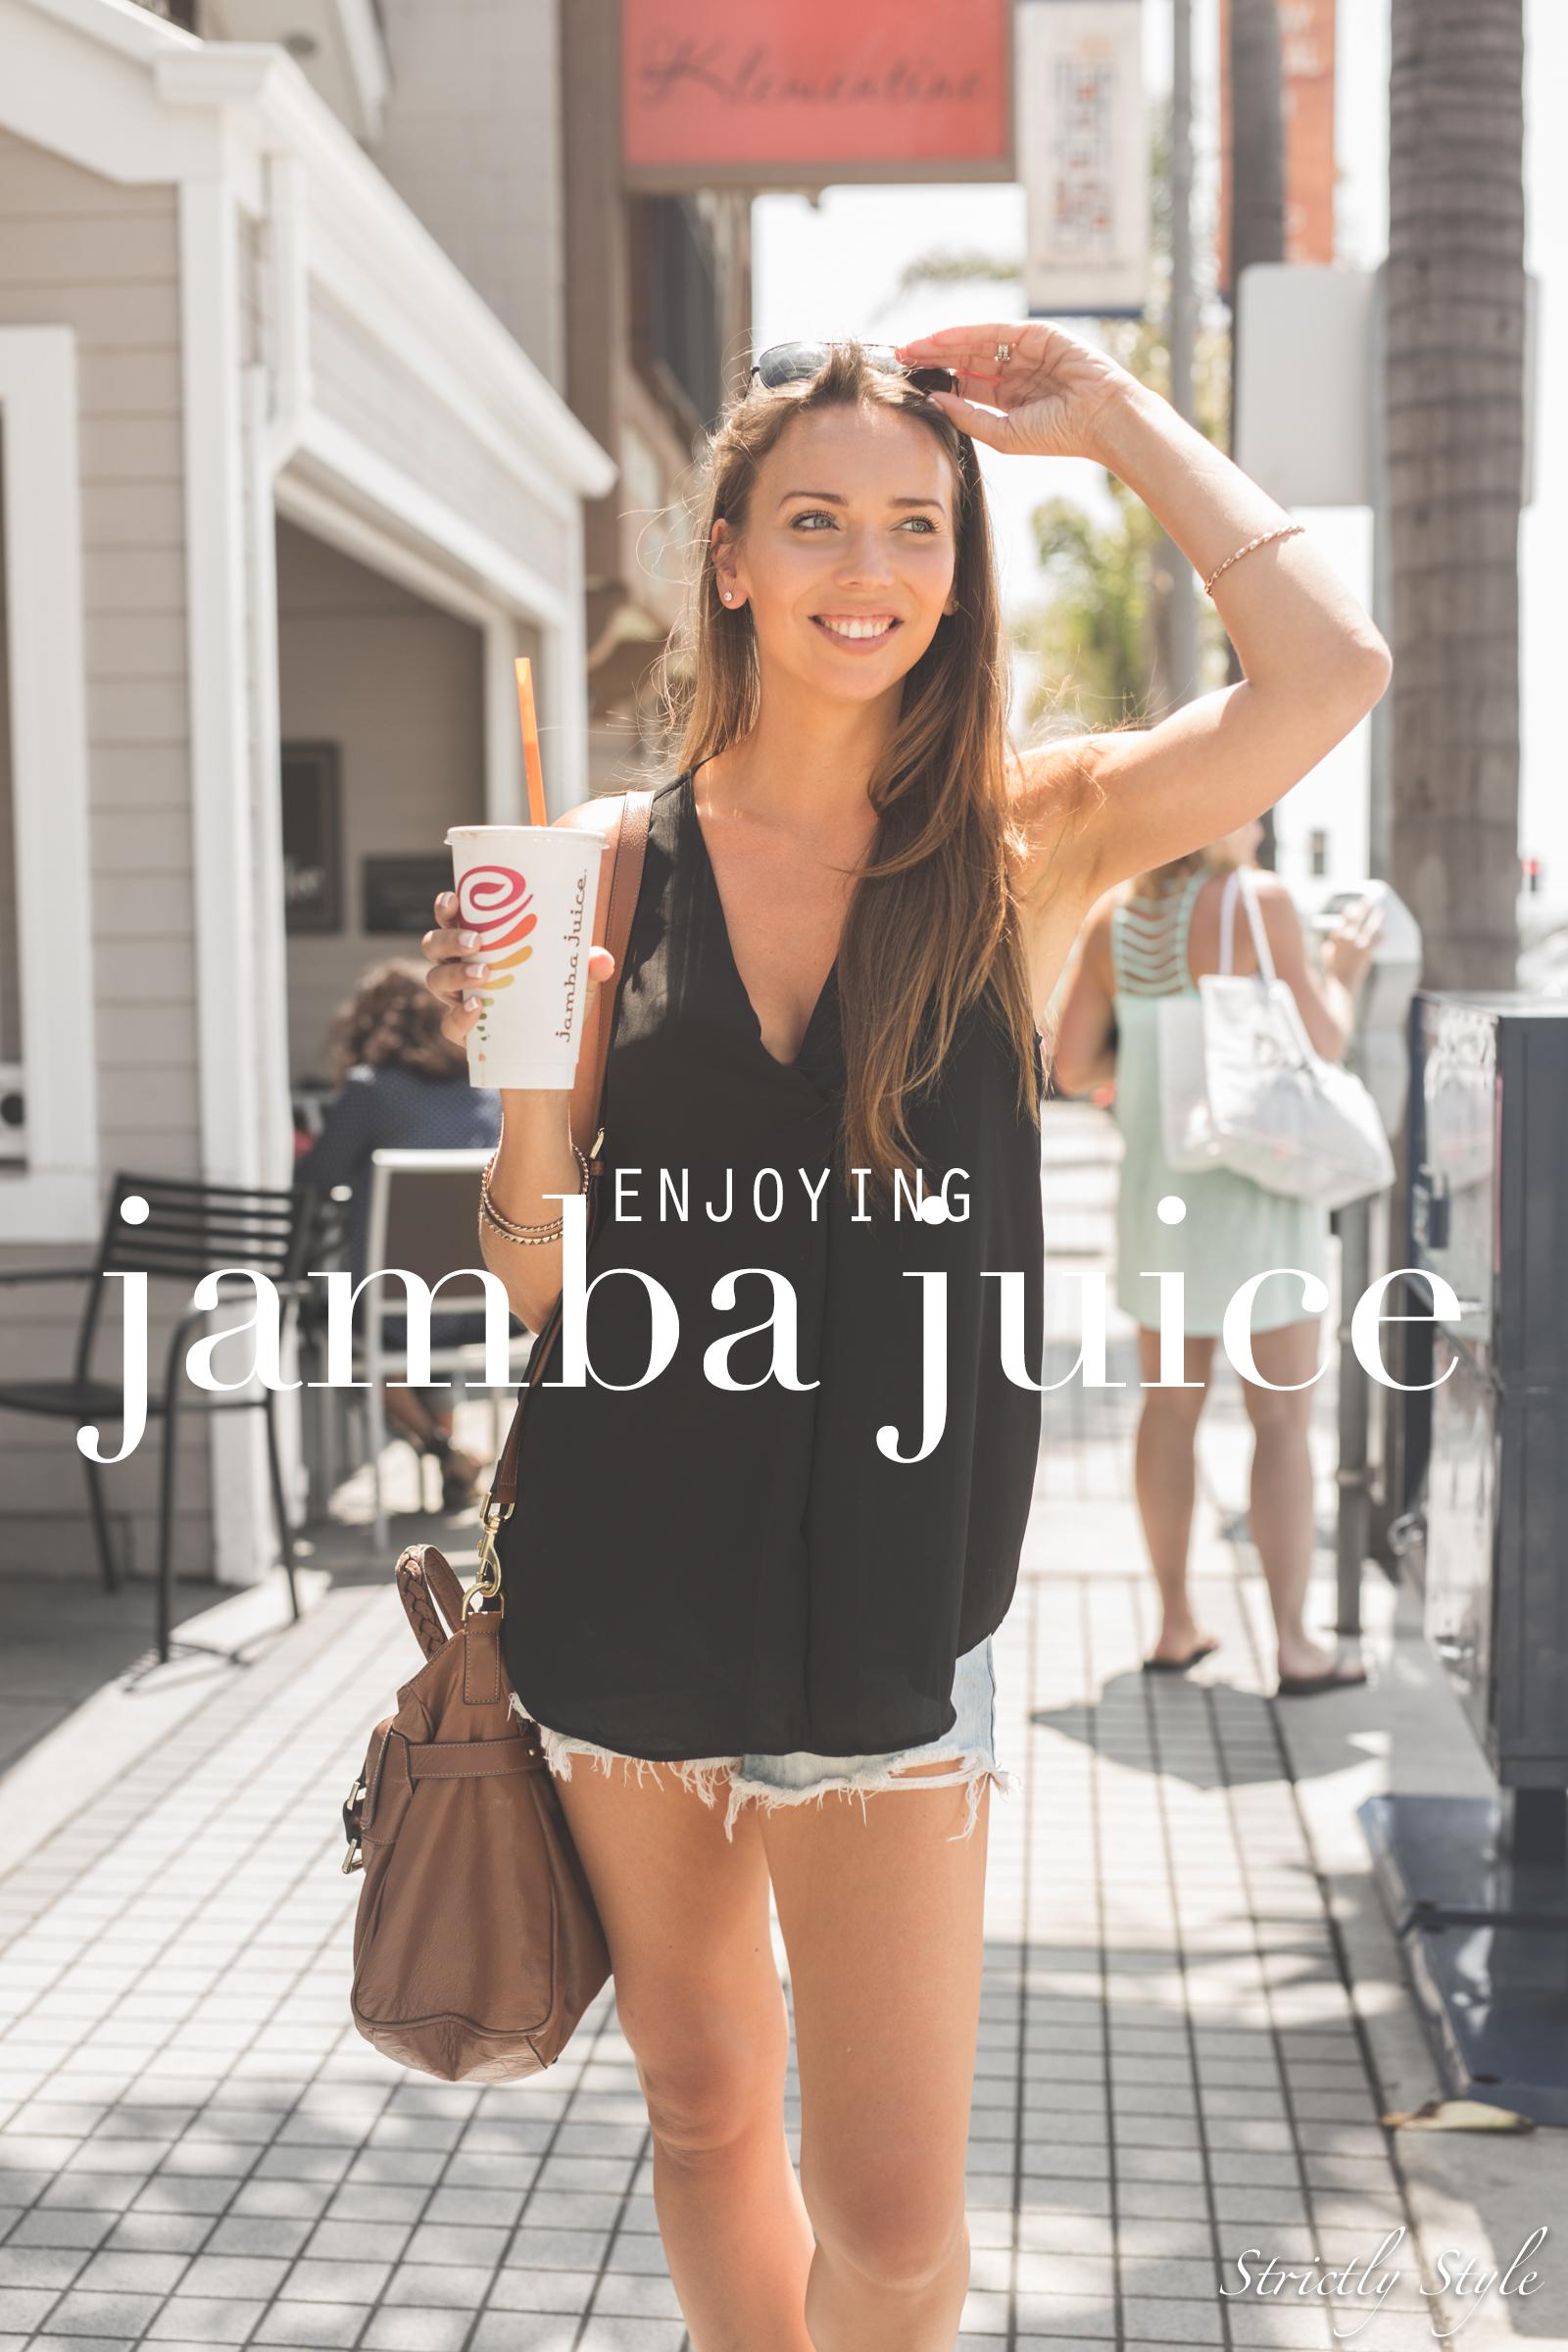 jambajuiceoutfit-3287 text